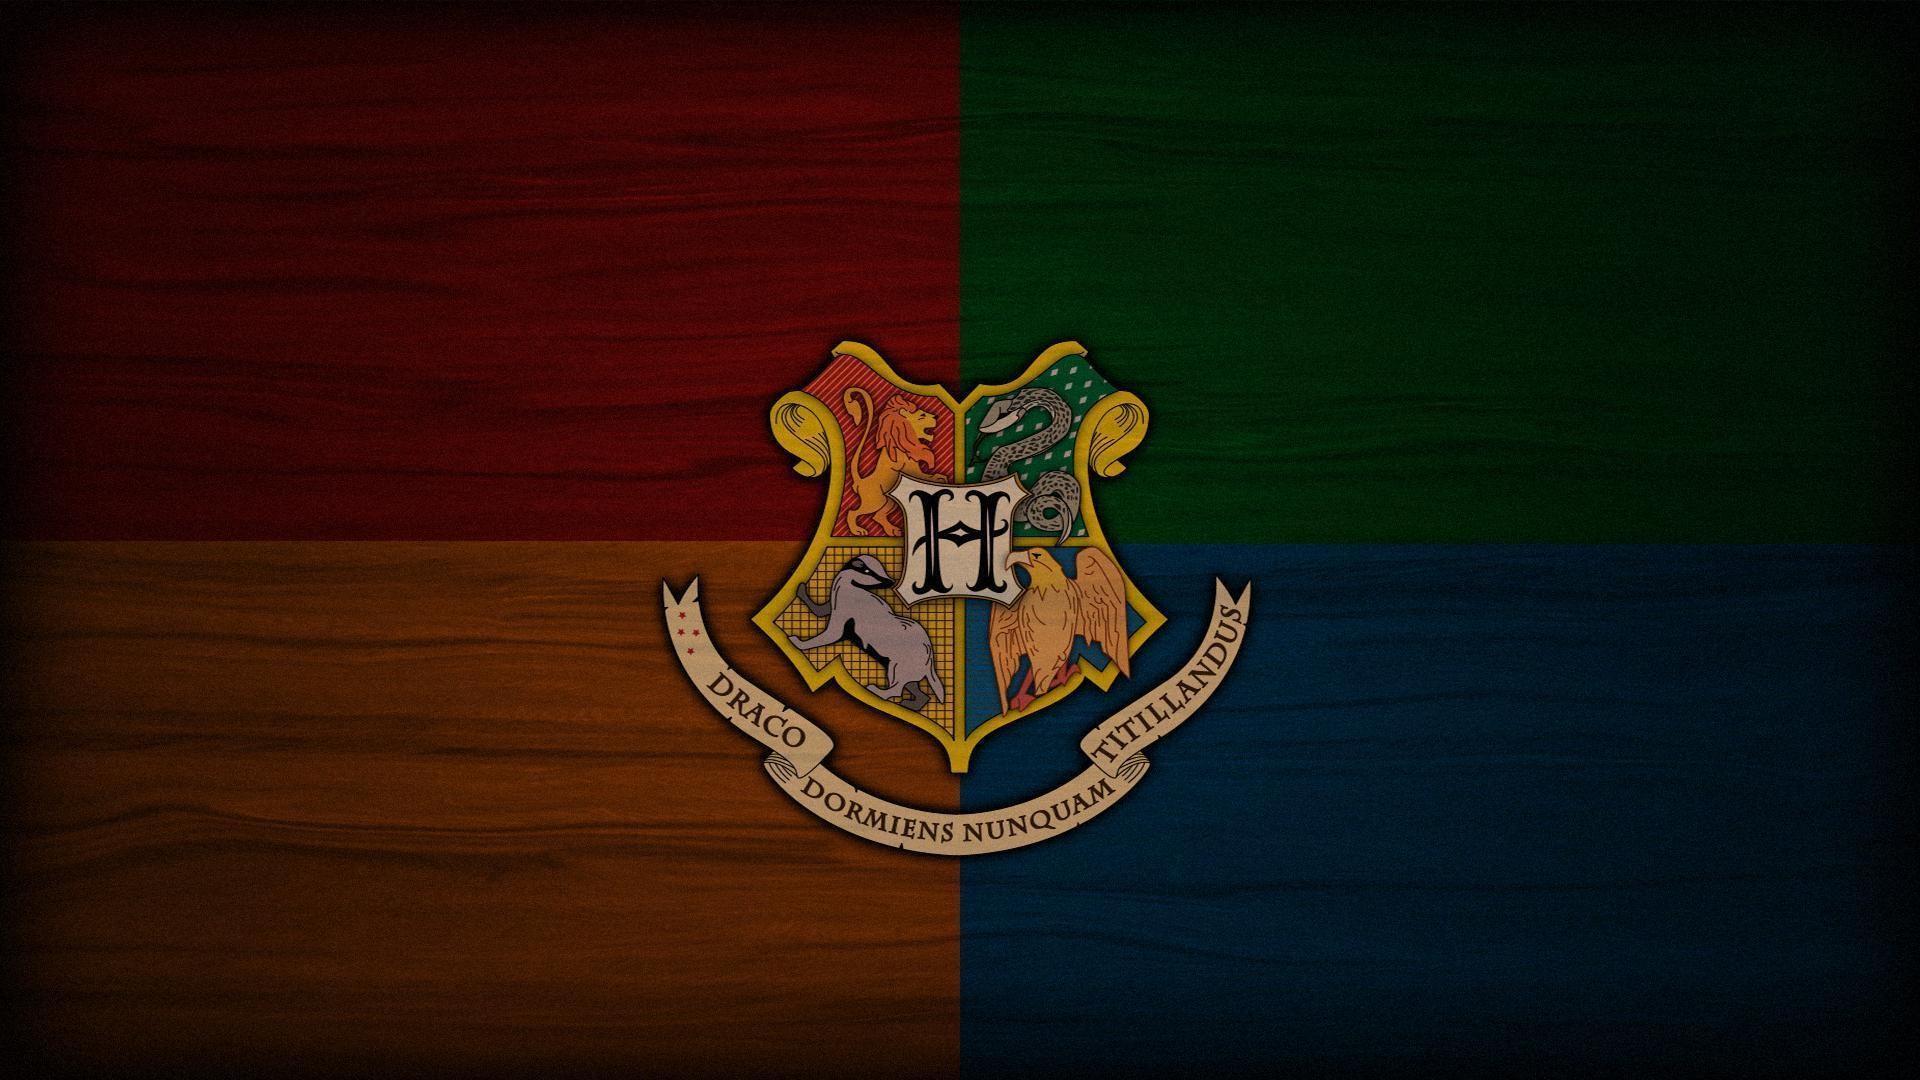 A Hogwarts wallpaper I put together (1920×1080) : harrypotter